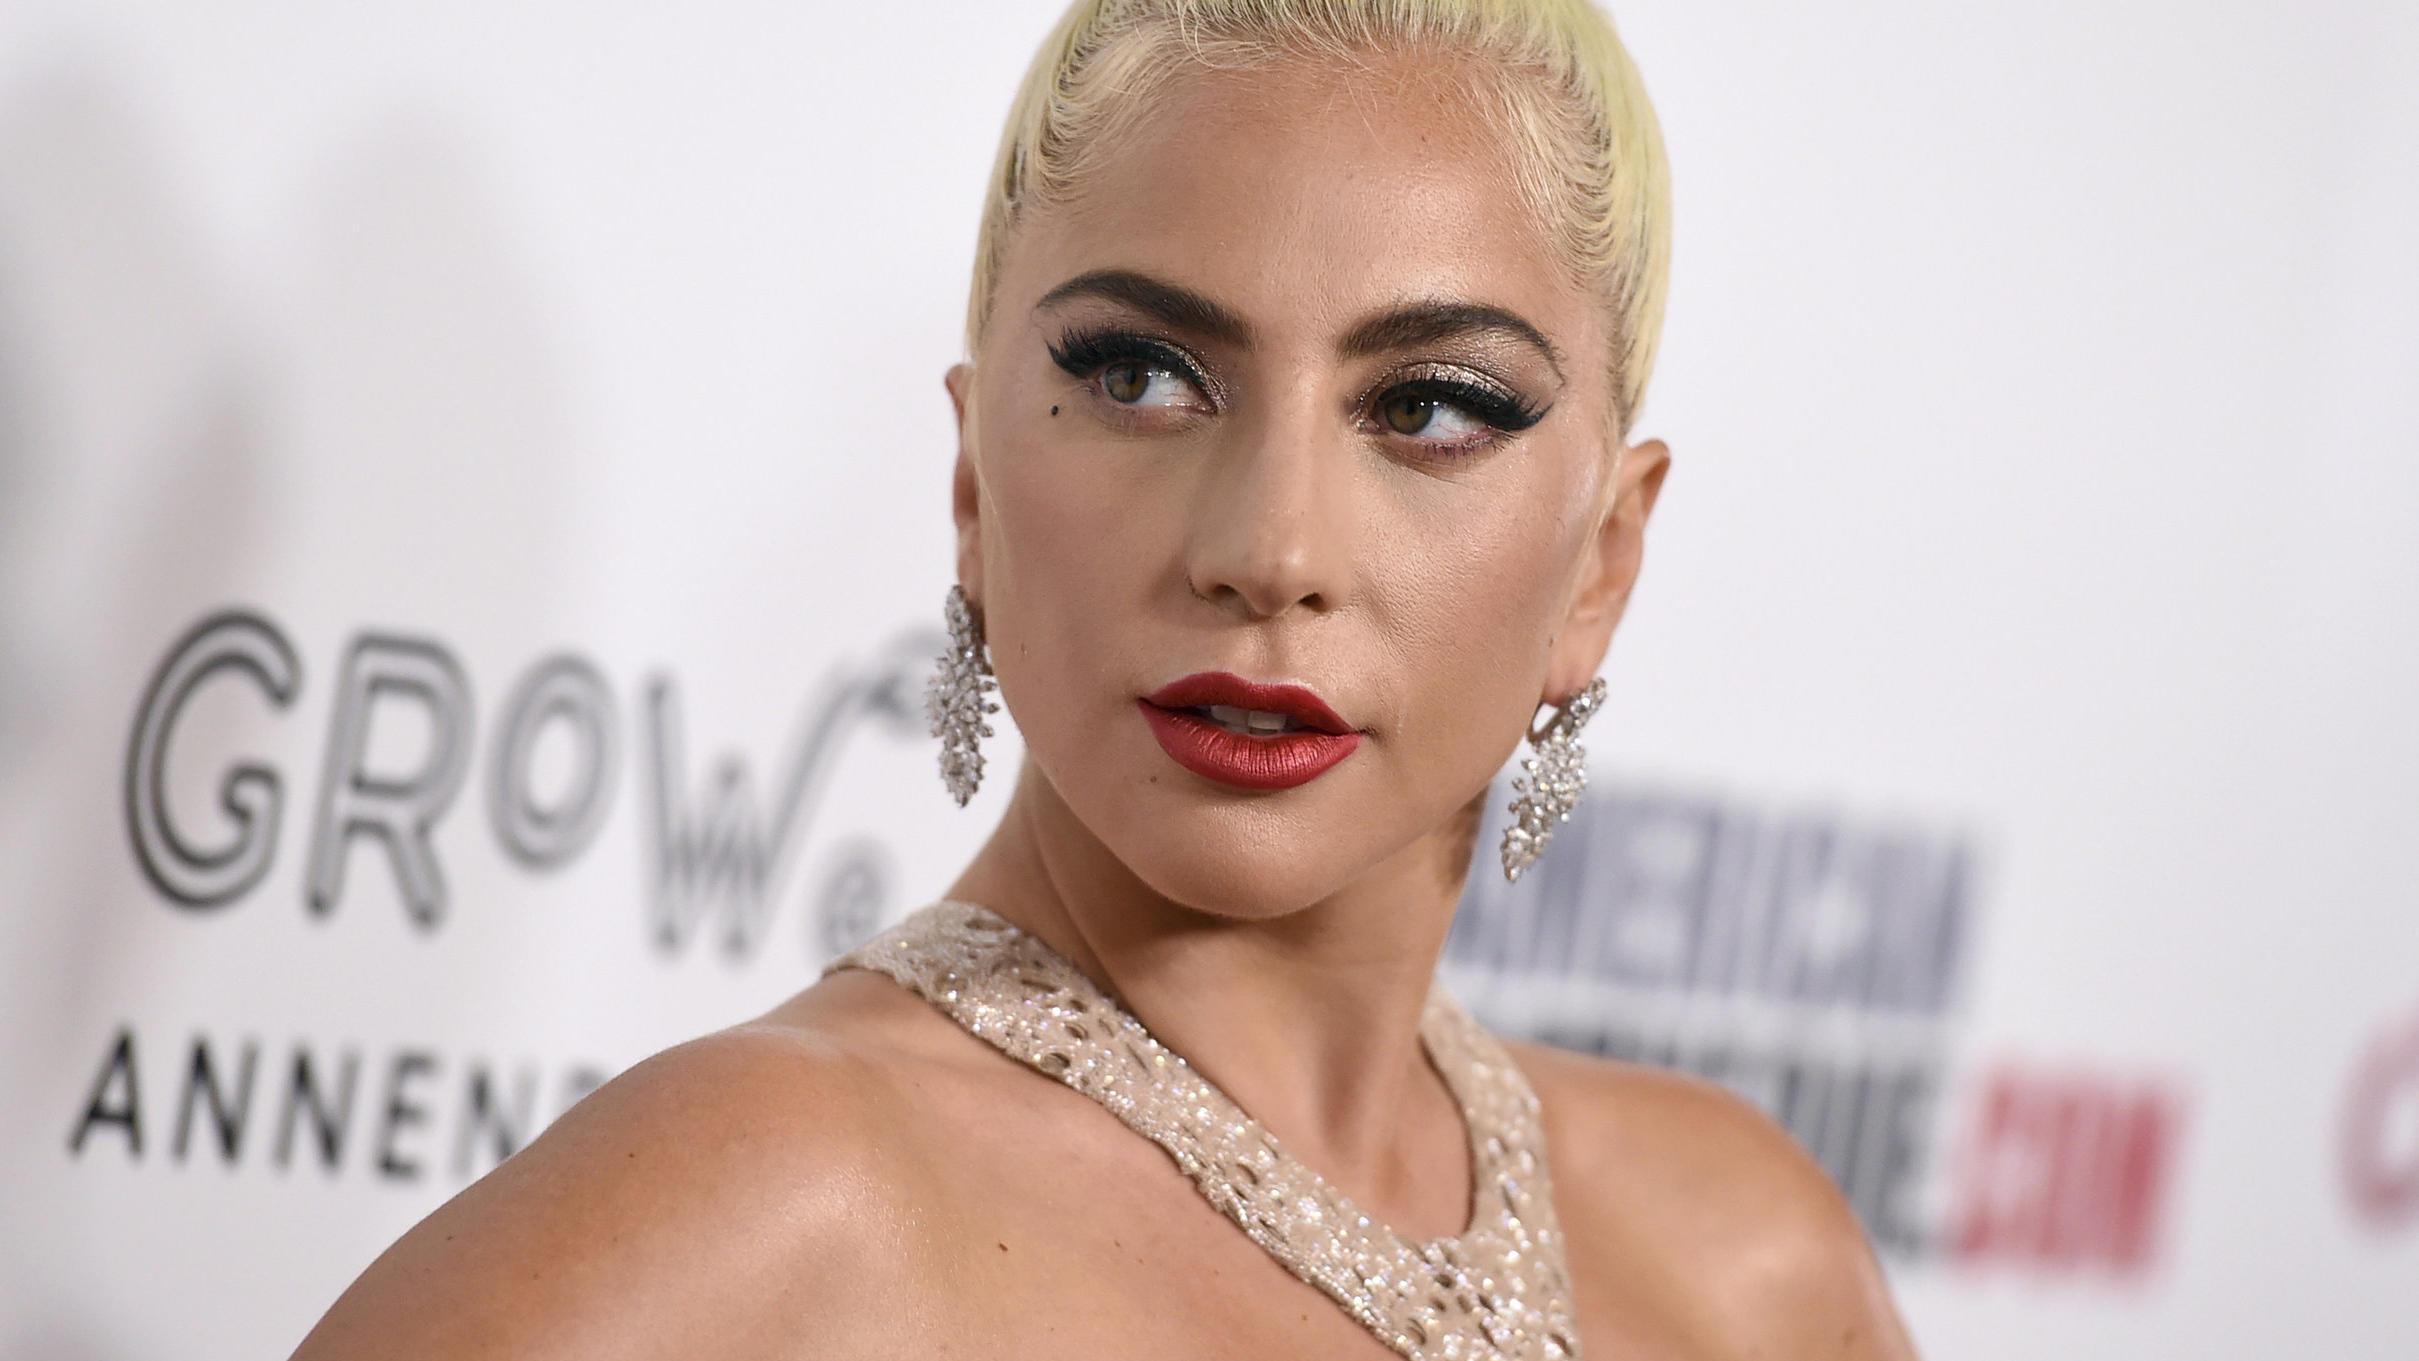 Nach Hunde-Entführung: Lady Gaga zahlt Krankenhaus-Rechnung ihres Hundesitters - VIP.de, Star News